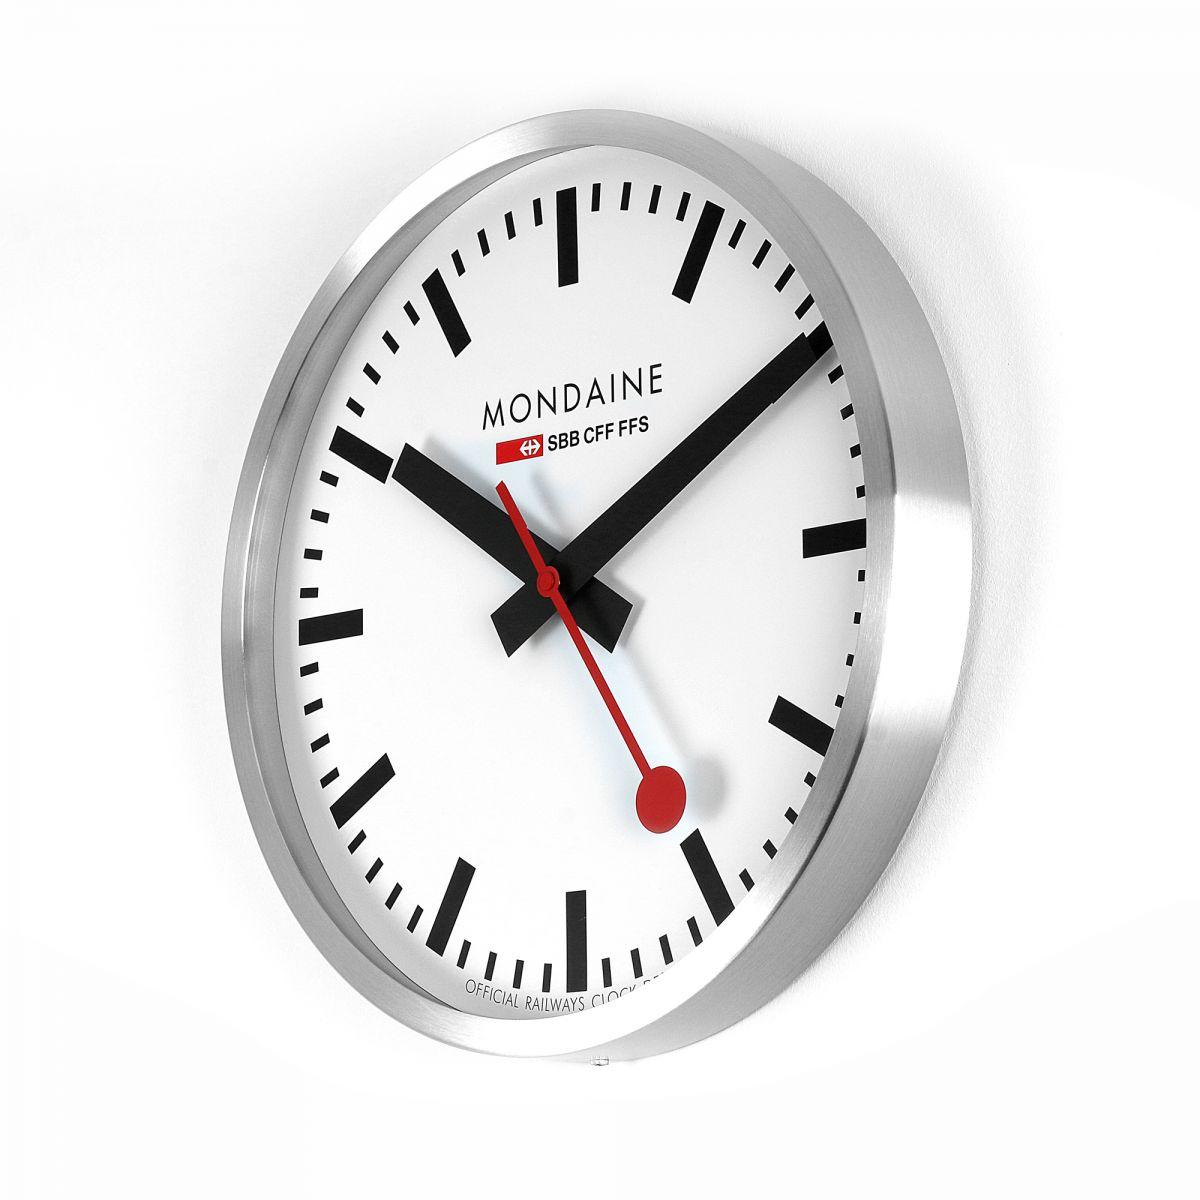 Wanduhr Mondaine Schweizer Railways Gro 223 Wall Clock Uhren